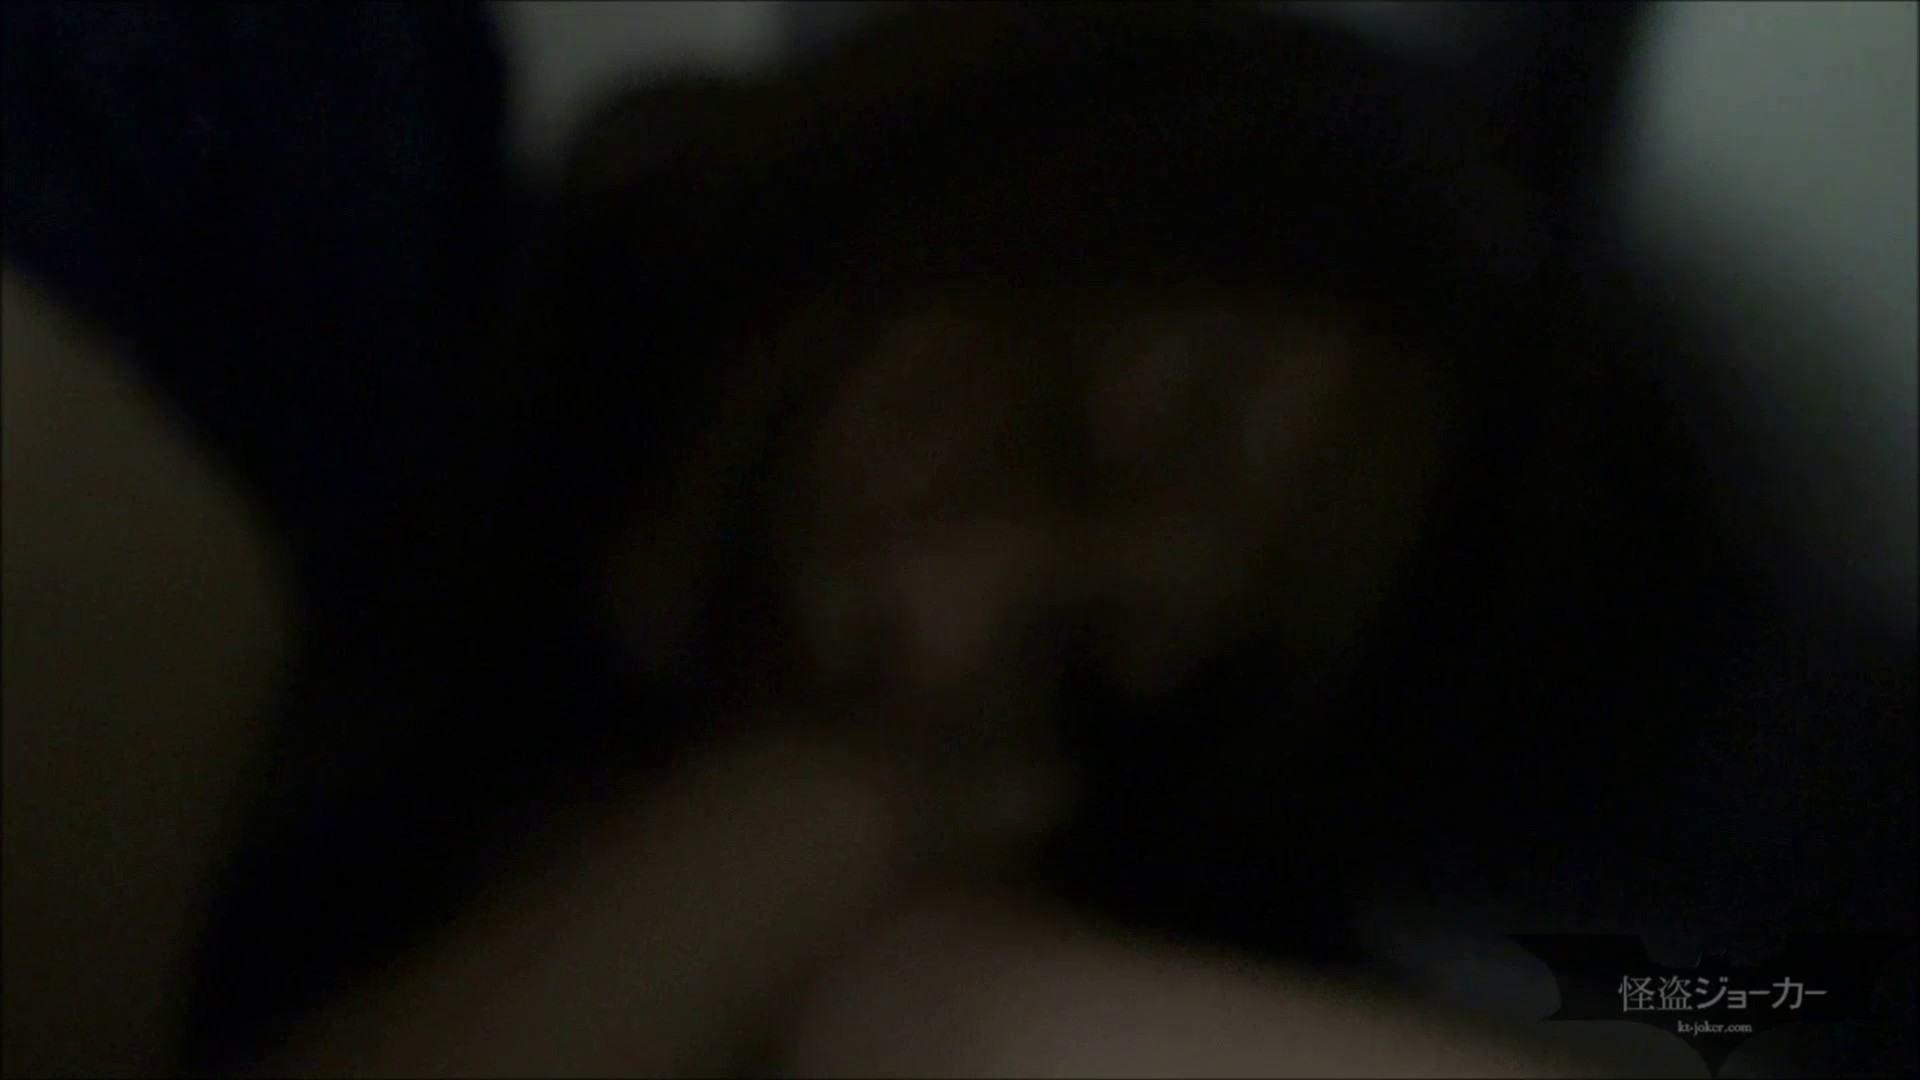 【未公開】vol.98 {26歳の若妻}ワイン会で出会った人妻・陽子さん 友人 アダルト動画キャプチャ 112pic 2